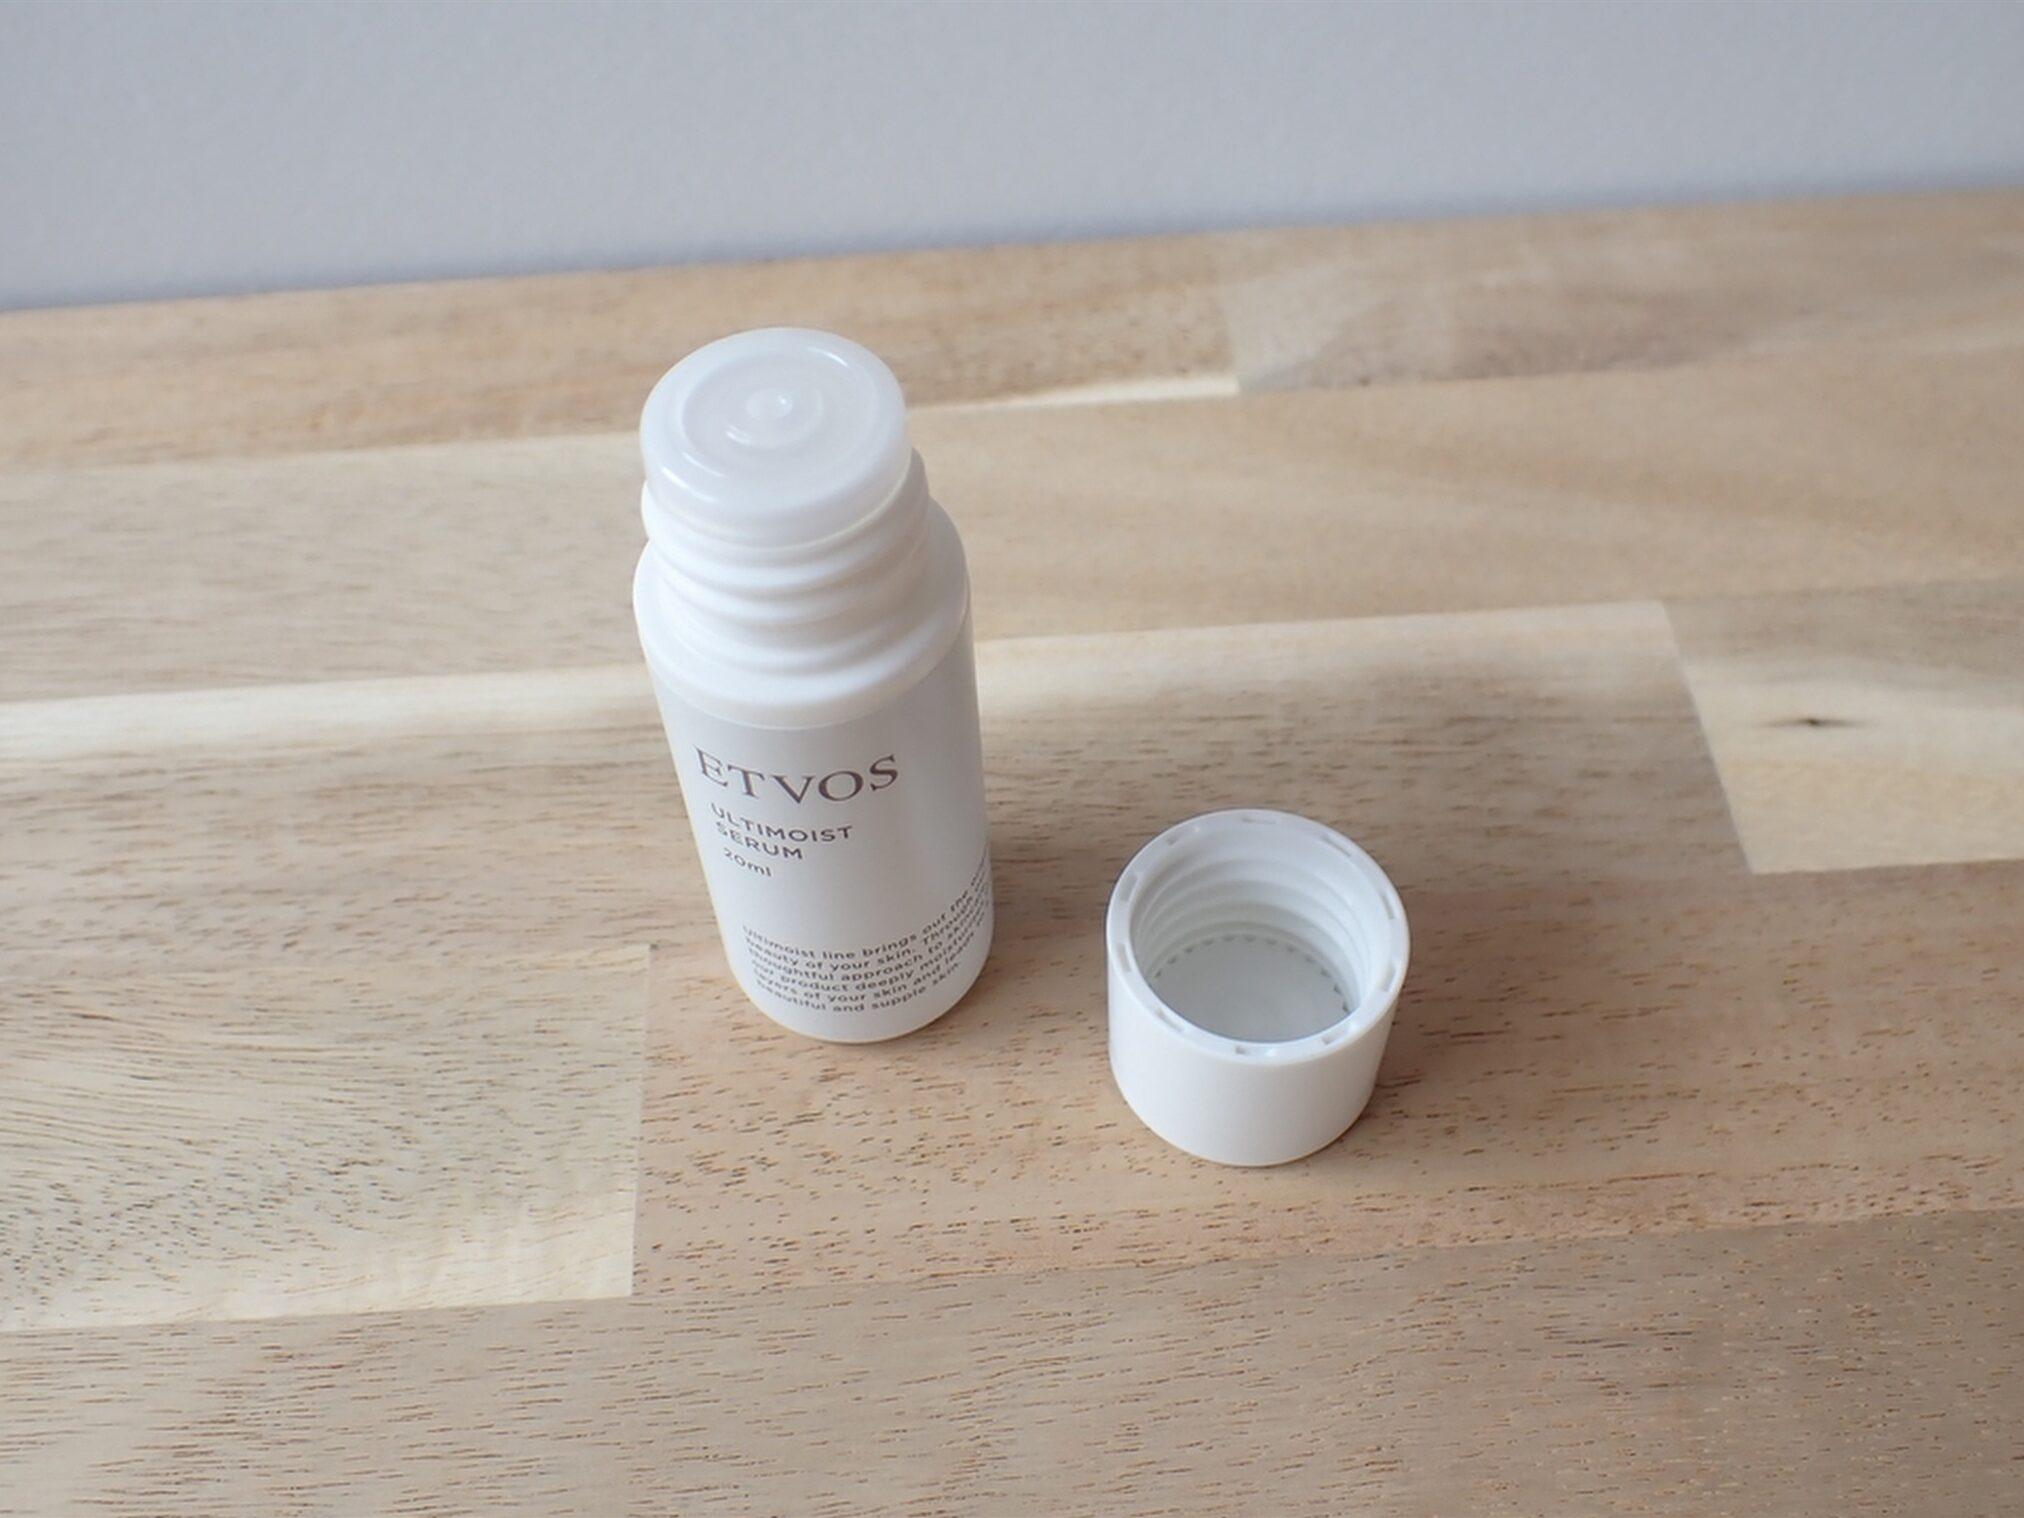 エトヴォス アルティモイスト トライアルキット ETVOS 保湿美容液 アルティモイストセラム 20ml ドロッパーつきでスポイトのように容器を加圧して出すと出しやすいです